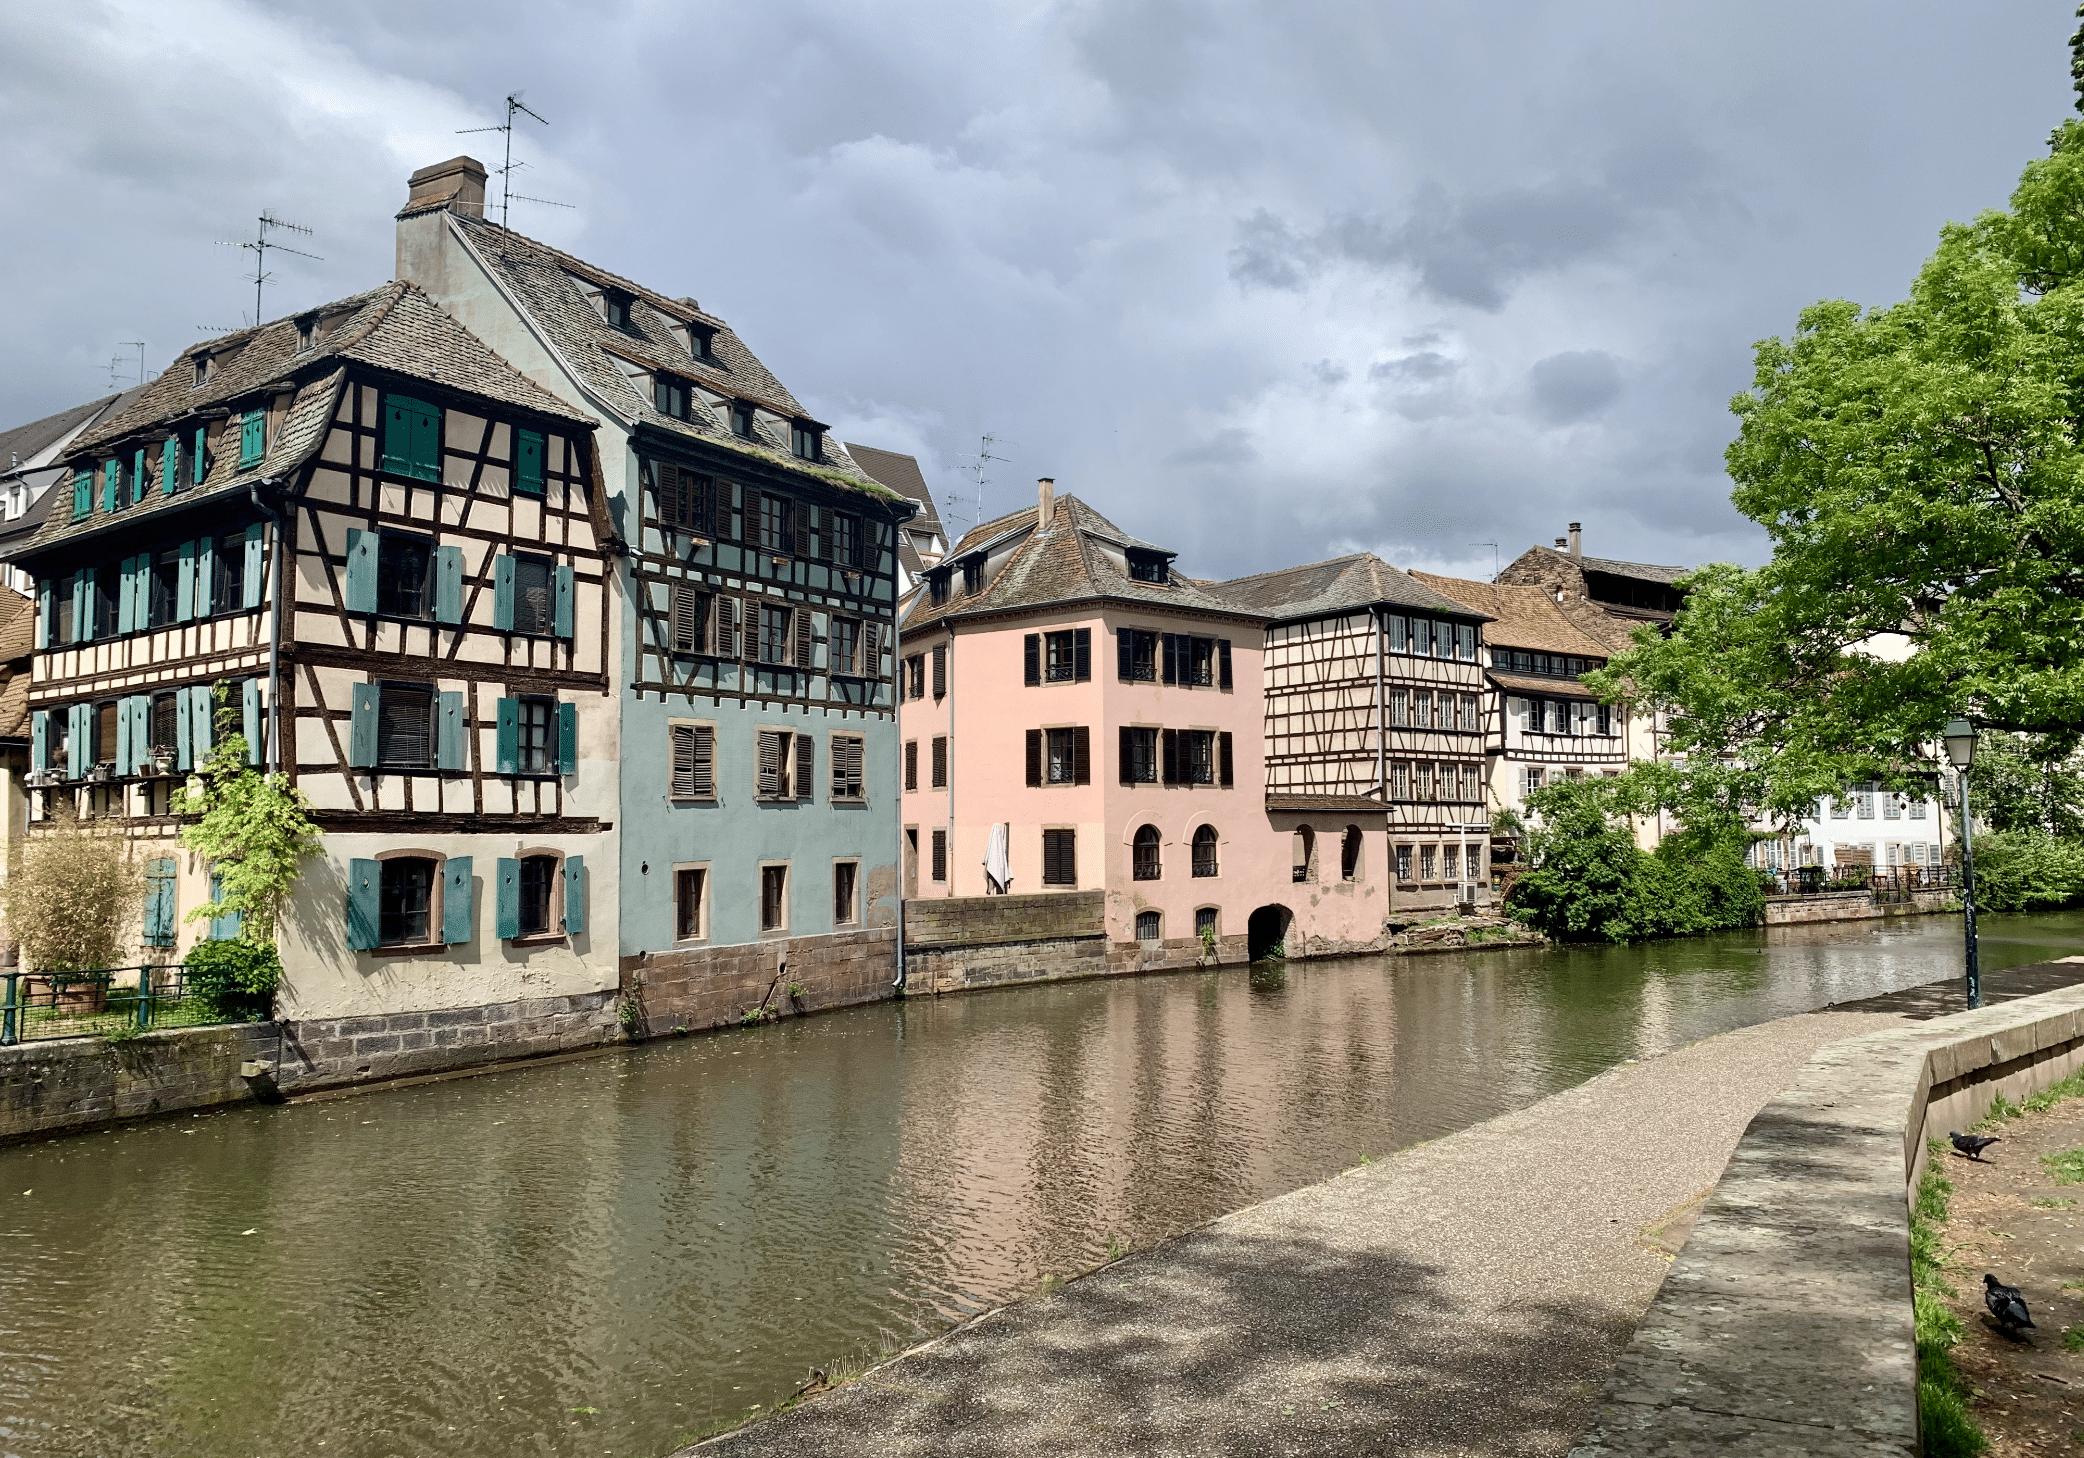 le quartier de la petite france a strasbourg